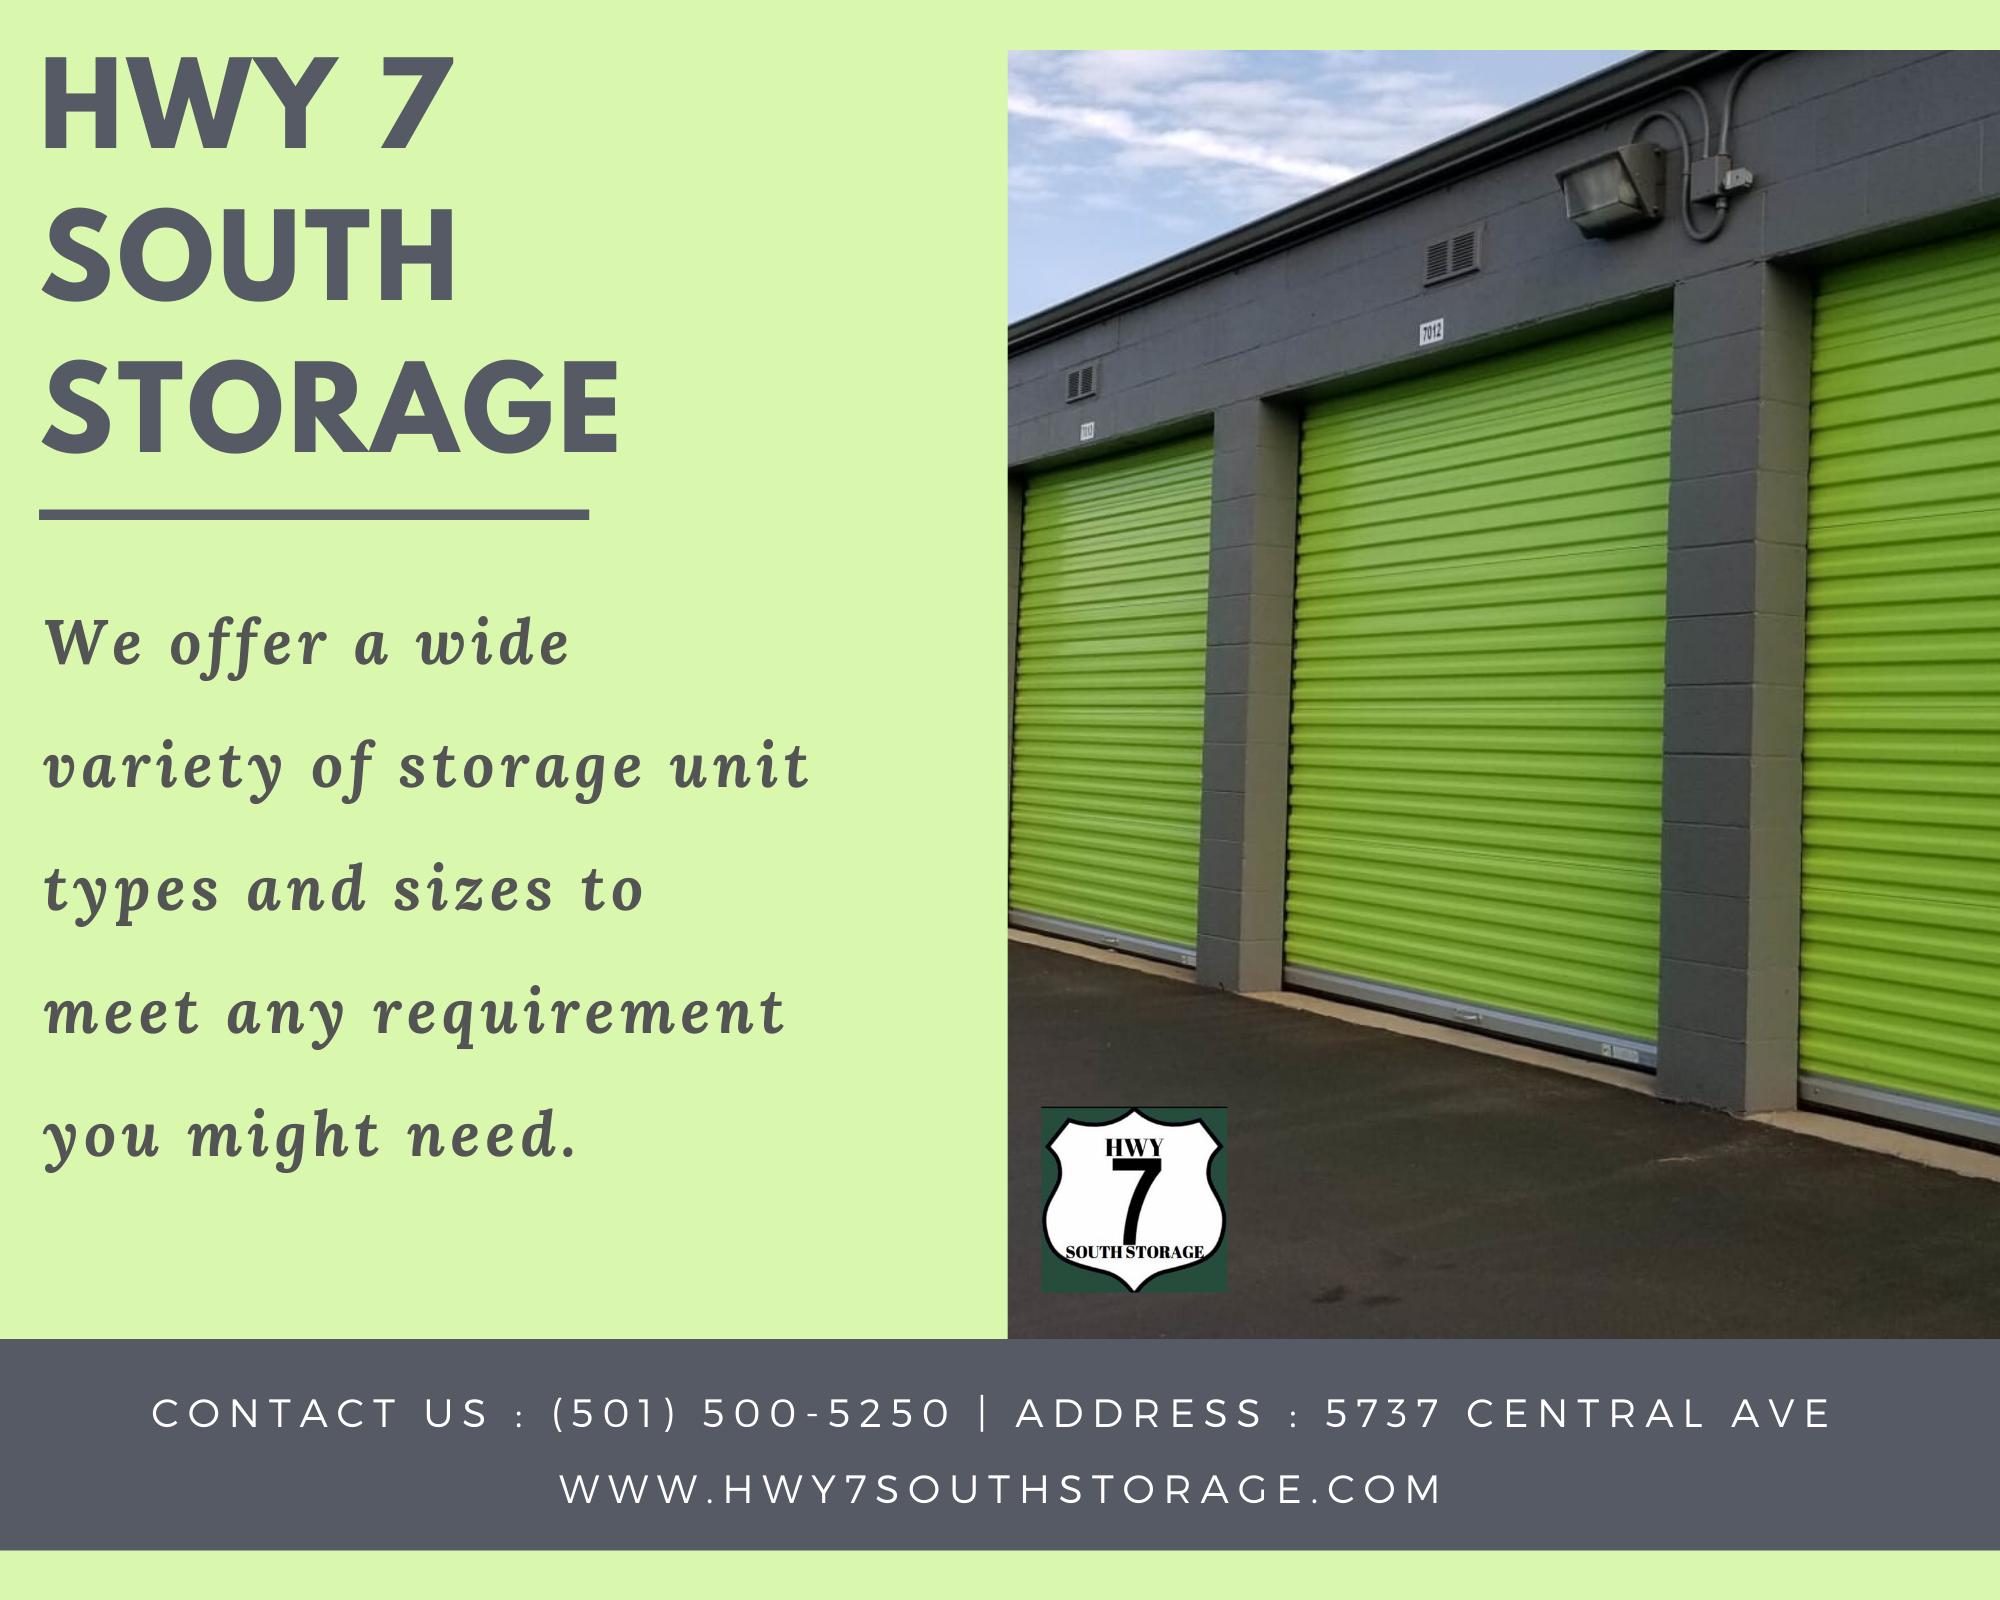 Hwy 7 South Storage Self Storage Storage Rental Storage Unit